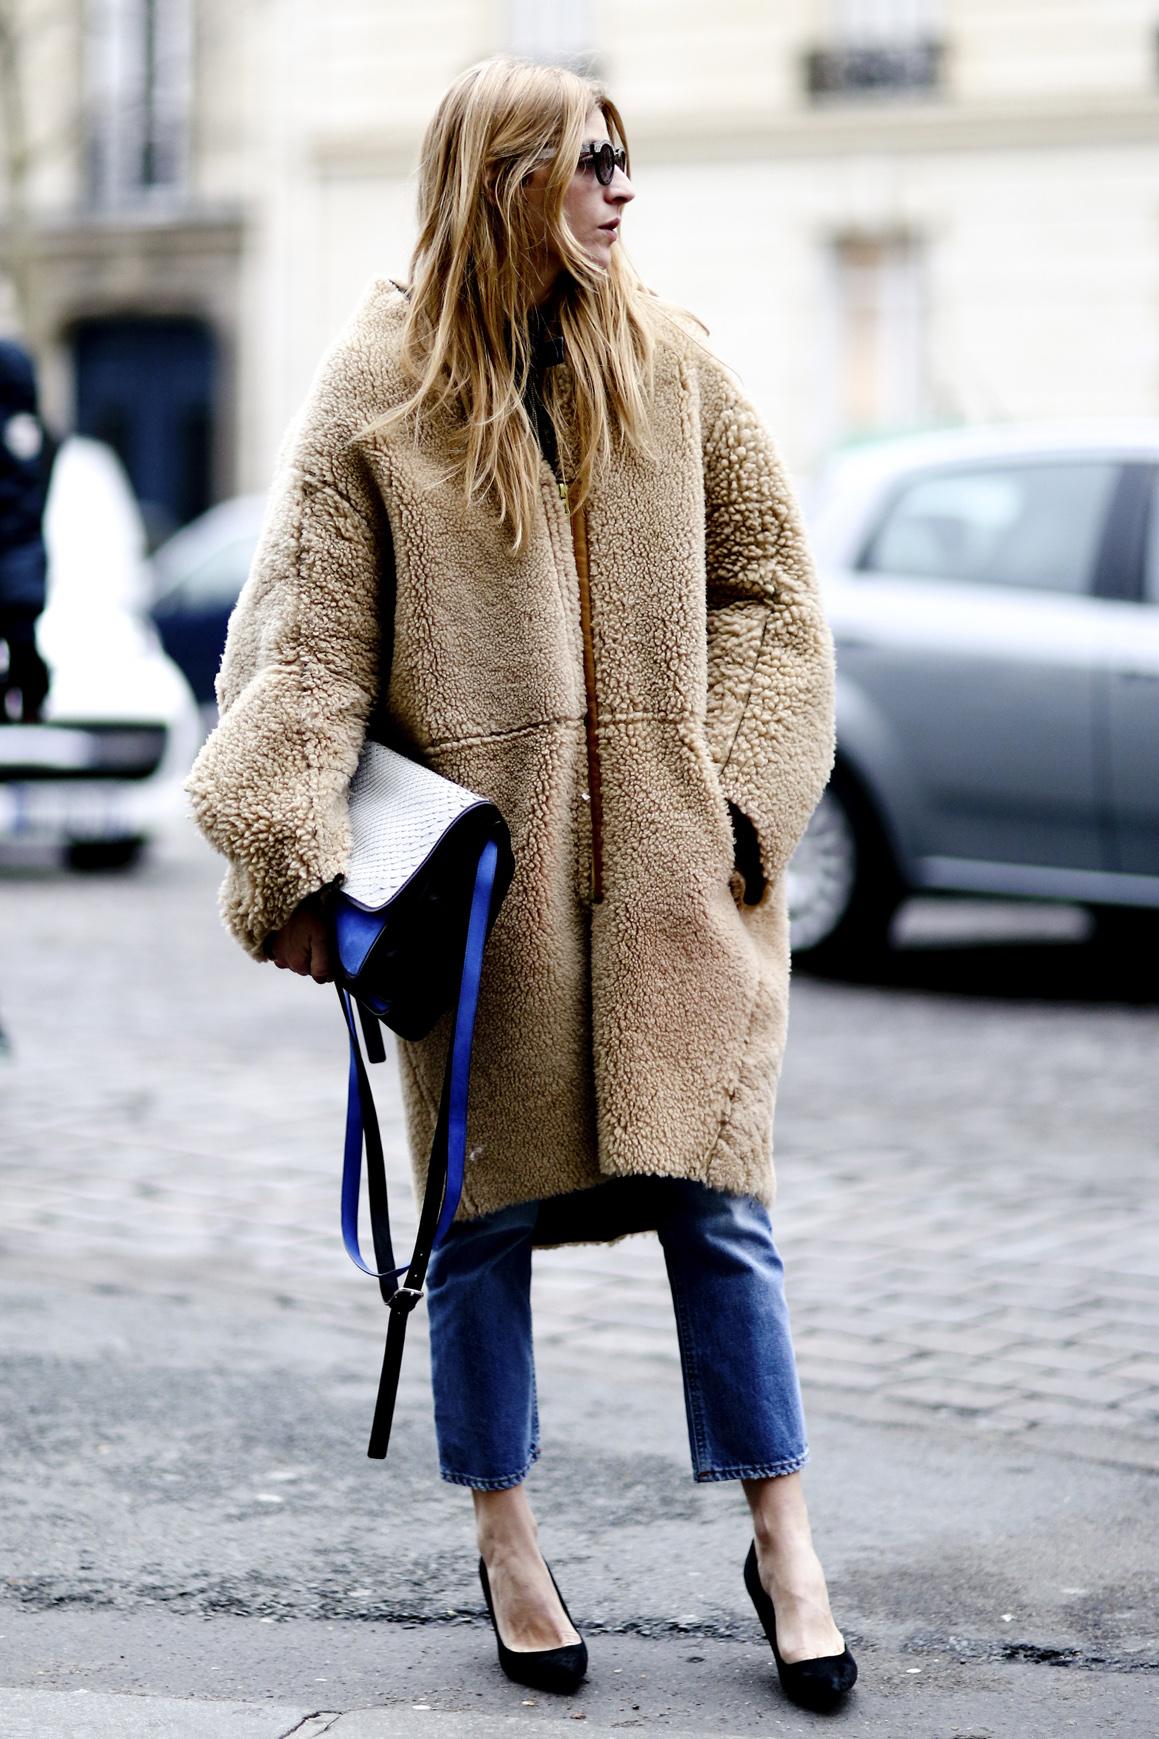 Xu hướng áo khoác ngoại cỡ (oversized coats)